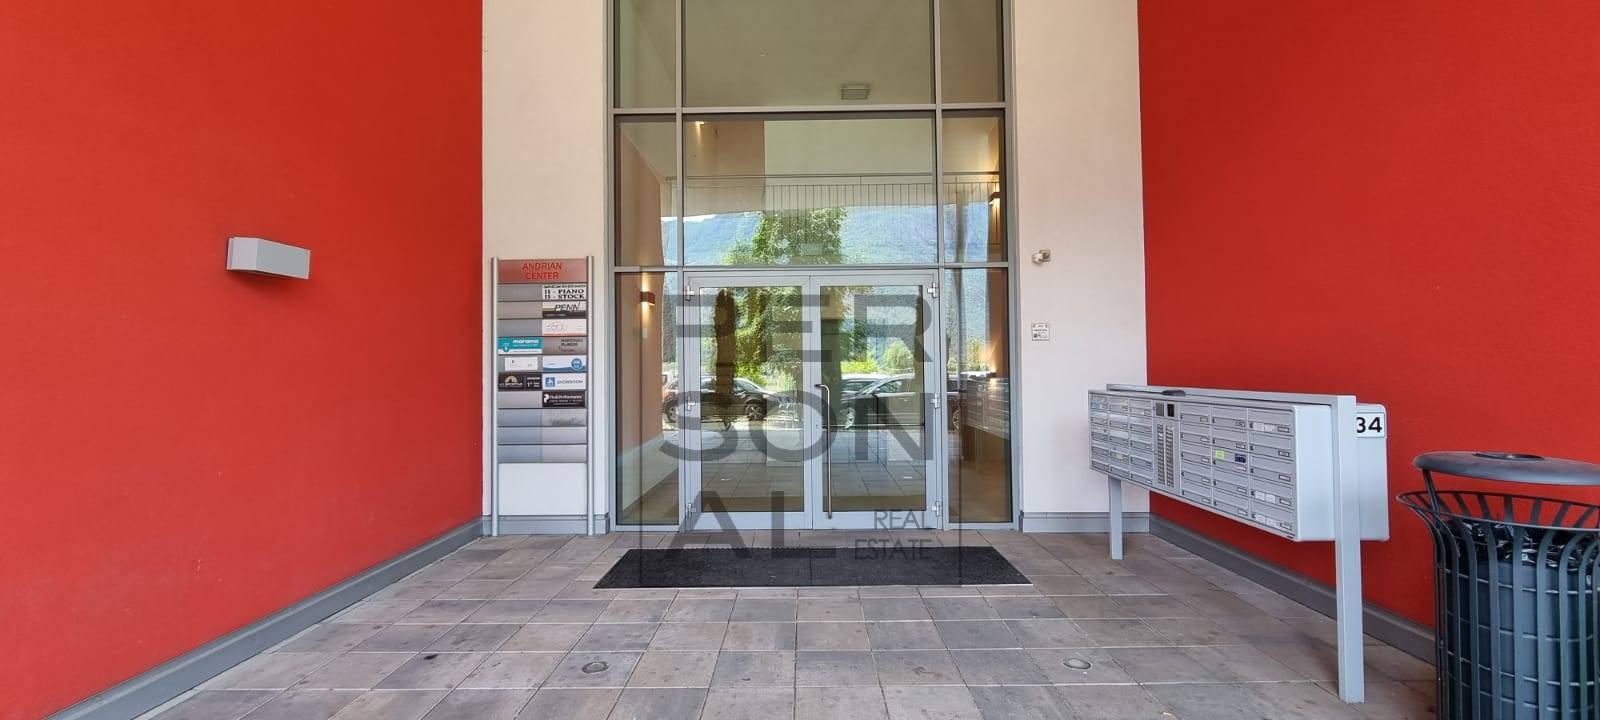 Ufficio in vendita a Andriano (BZ)